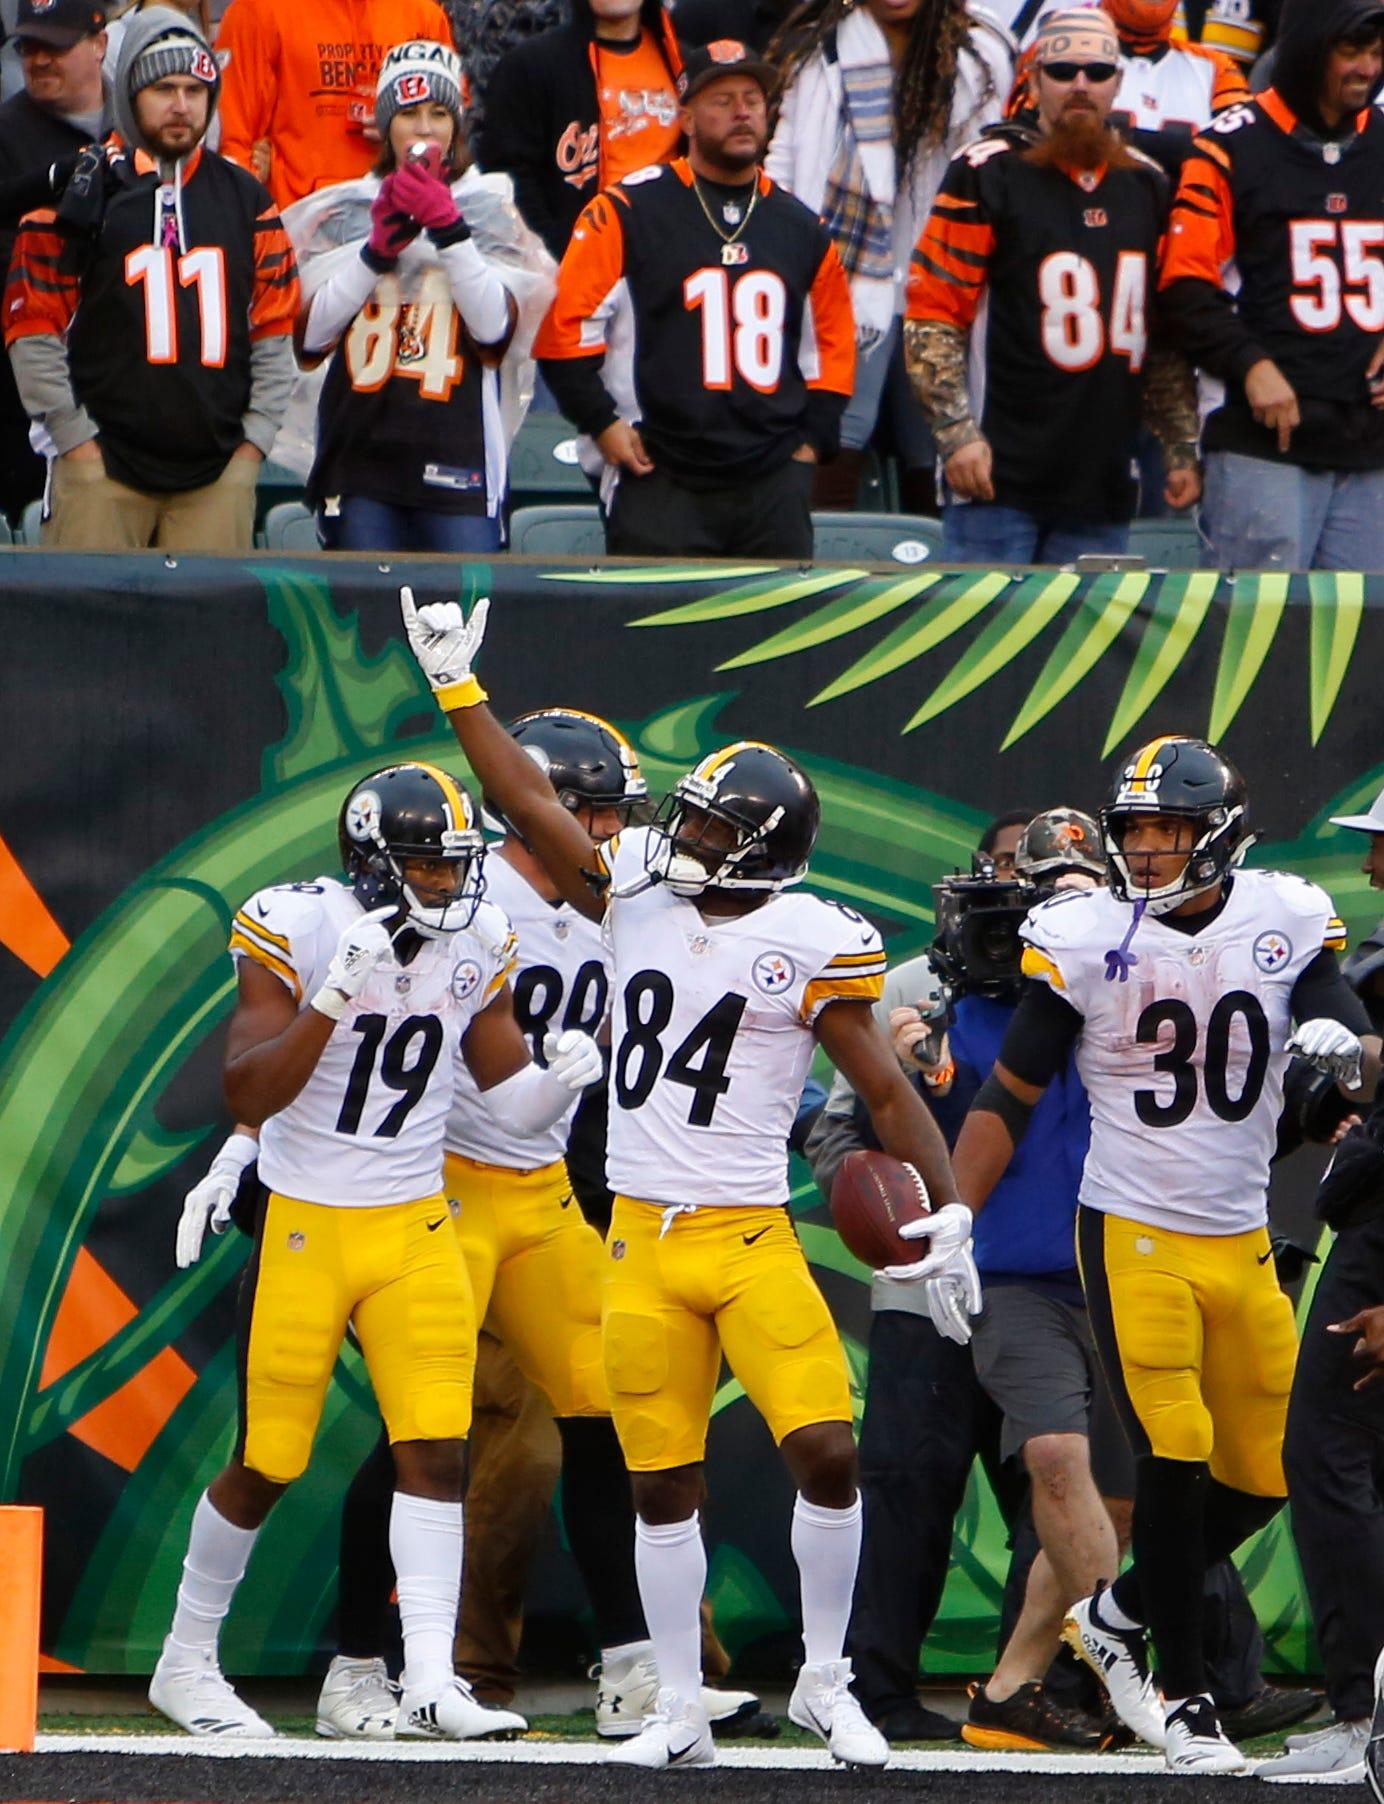 NFL Week 6 winners, losers: Pittsburgh Steelers get big win, Jacksonville Jaguars are lost